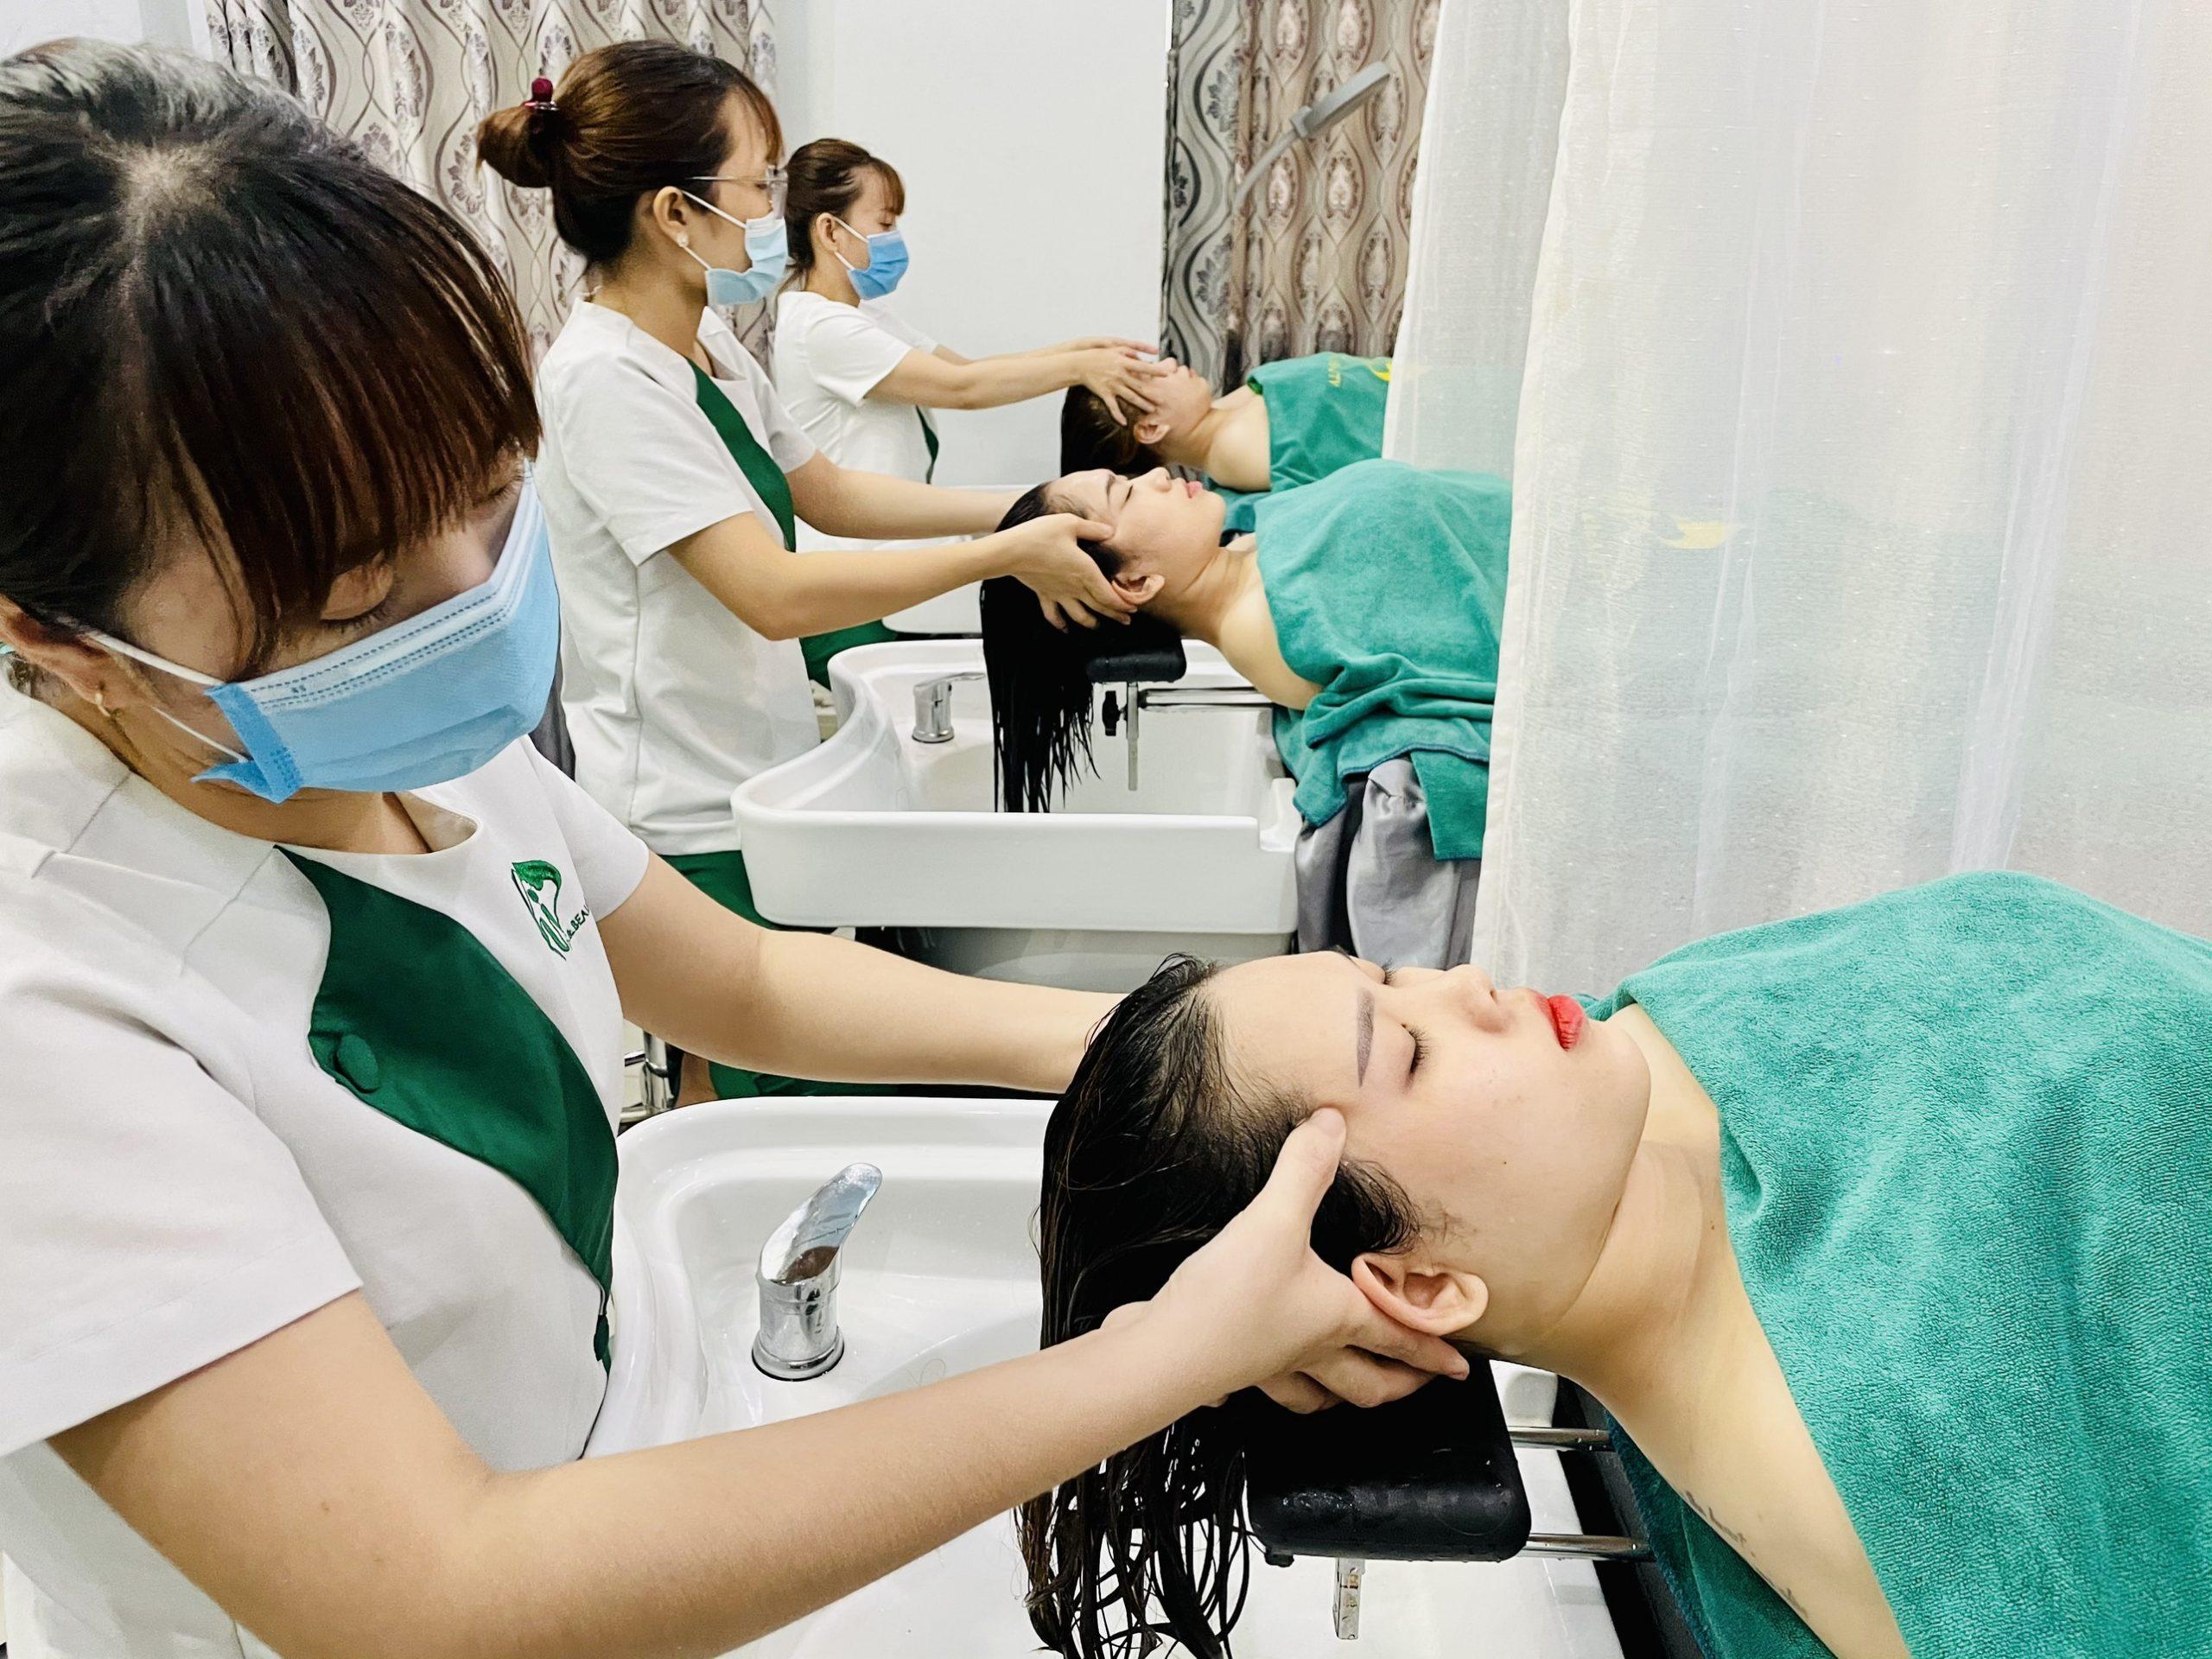 Massage trong khi gội đầu thảo mộc giảm đau hiệu quả